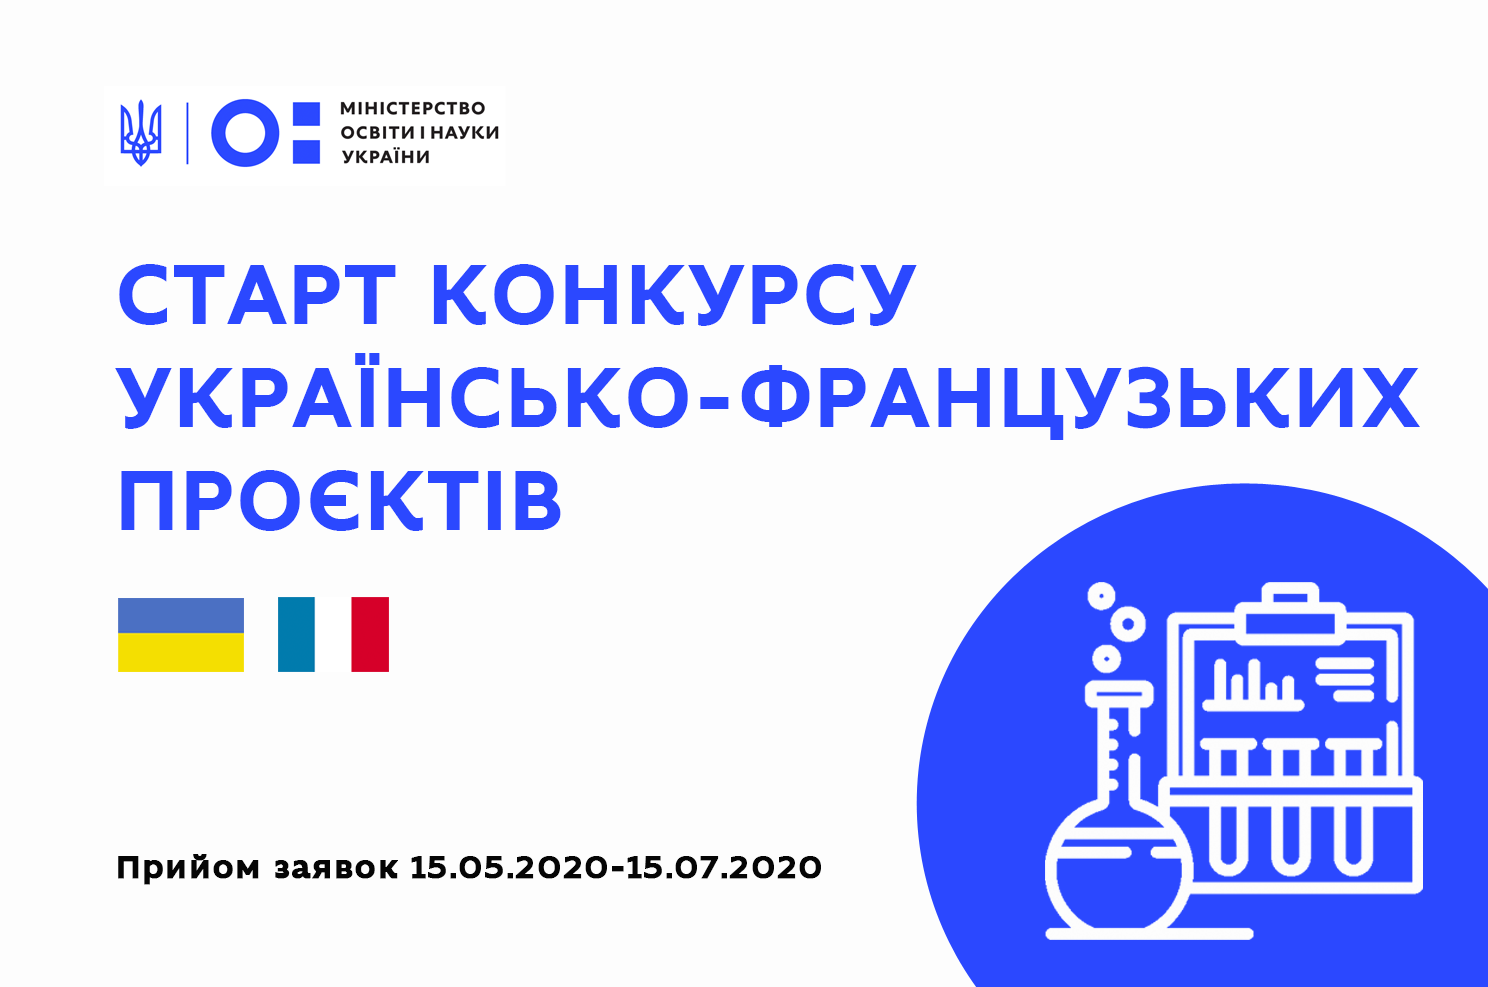 Стартував конкурс українсько-французьких науково-дослідних проєктів на 2020-2021 роки, дедлайн подачі заявок – 15 липня